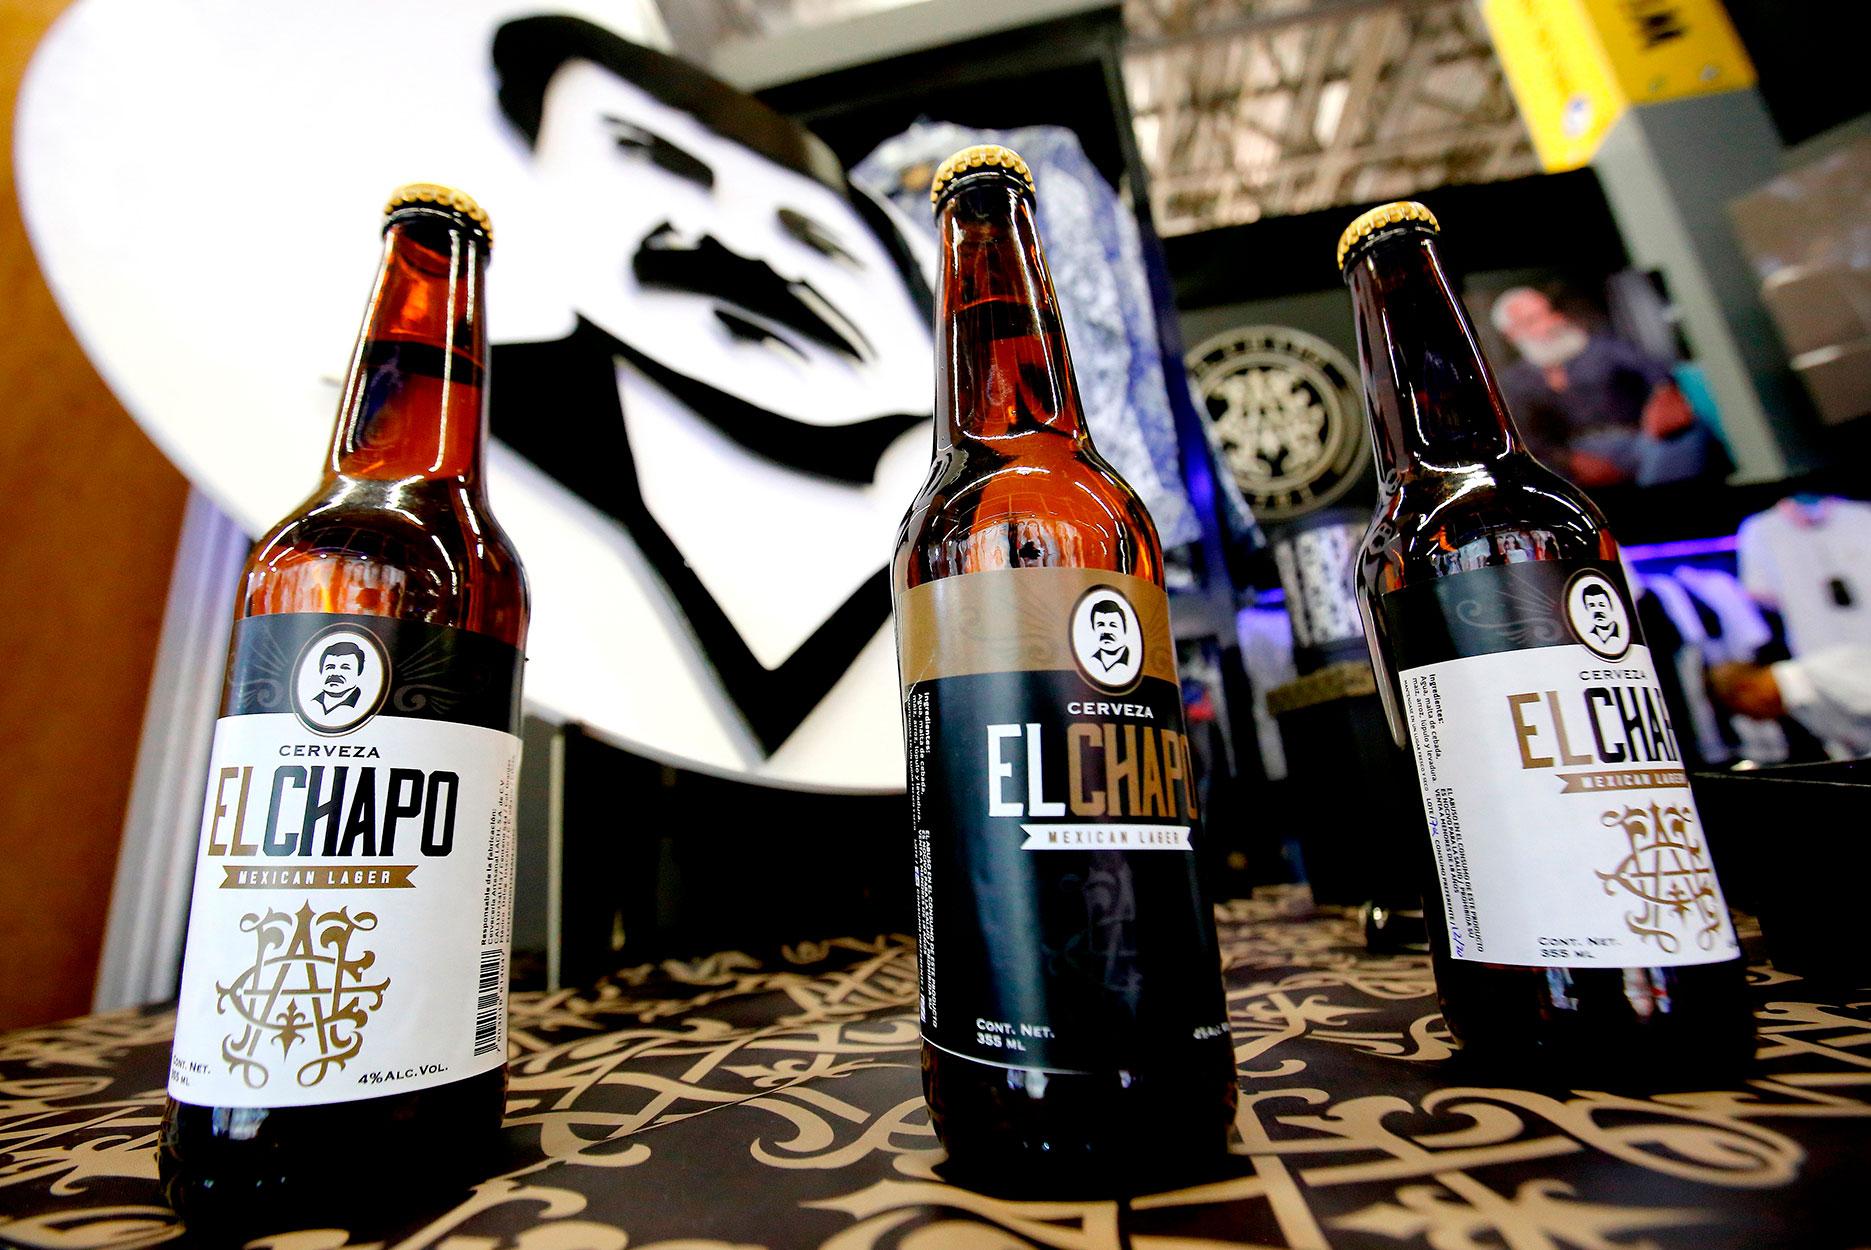 Новая пивоварня El Chapo готова к выпуску в Мексике